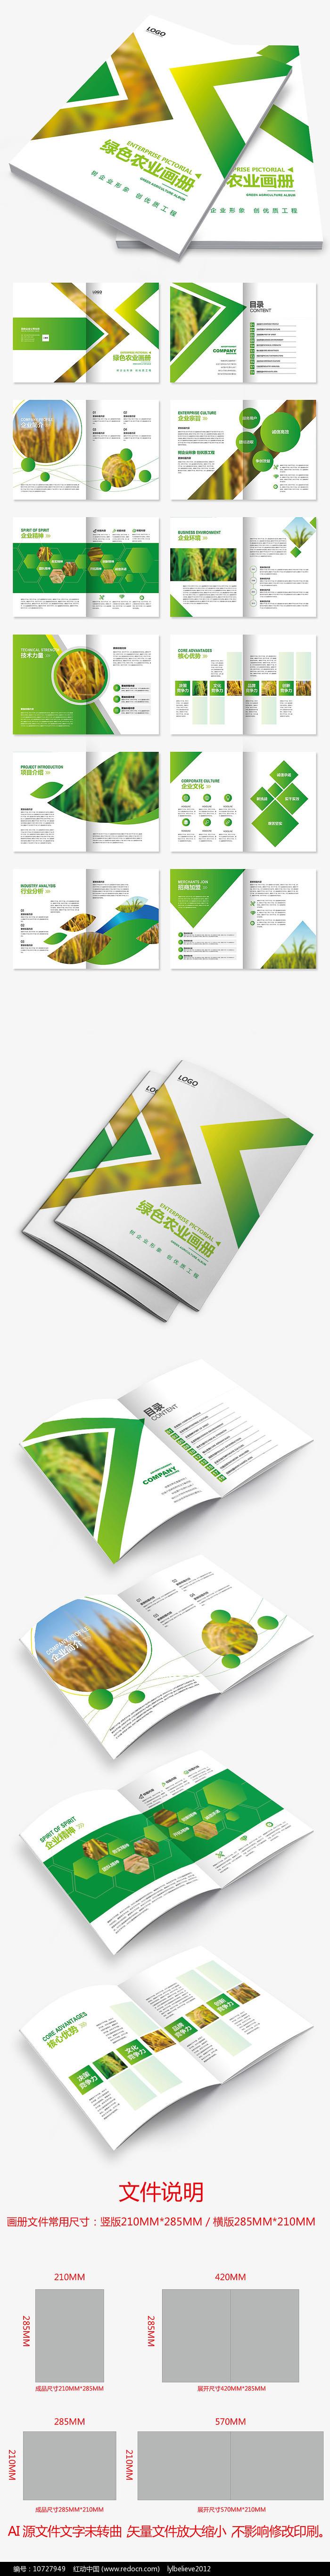 农业农产品绿色清新健康环保画册图片